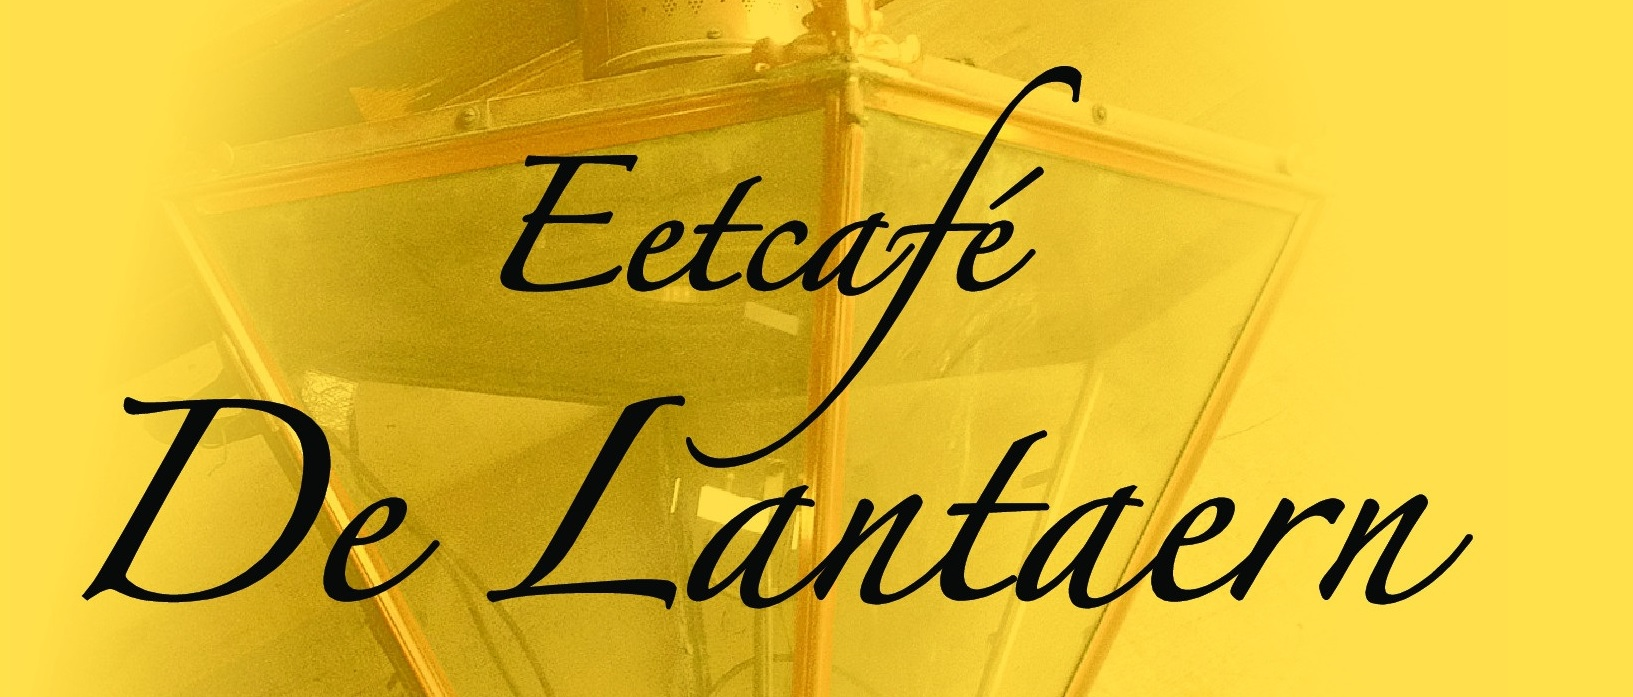 Eetcafé De Lantaern